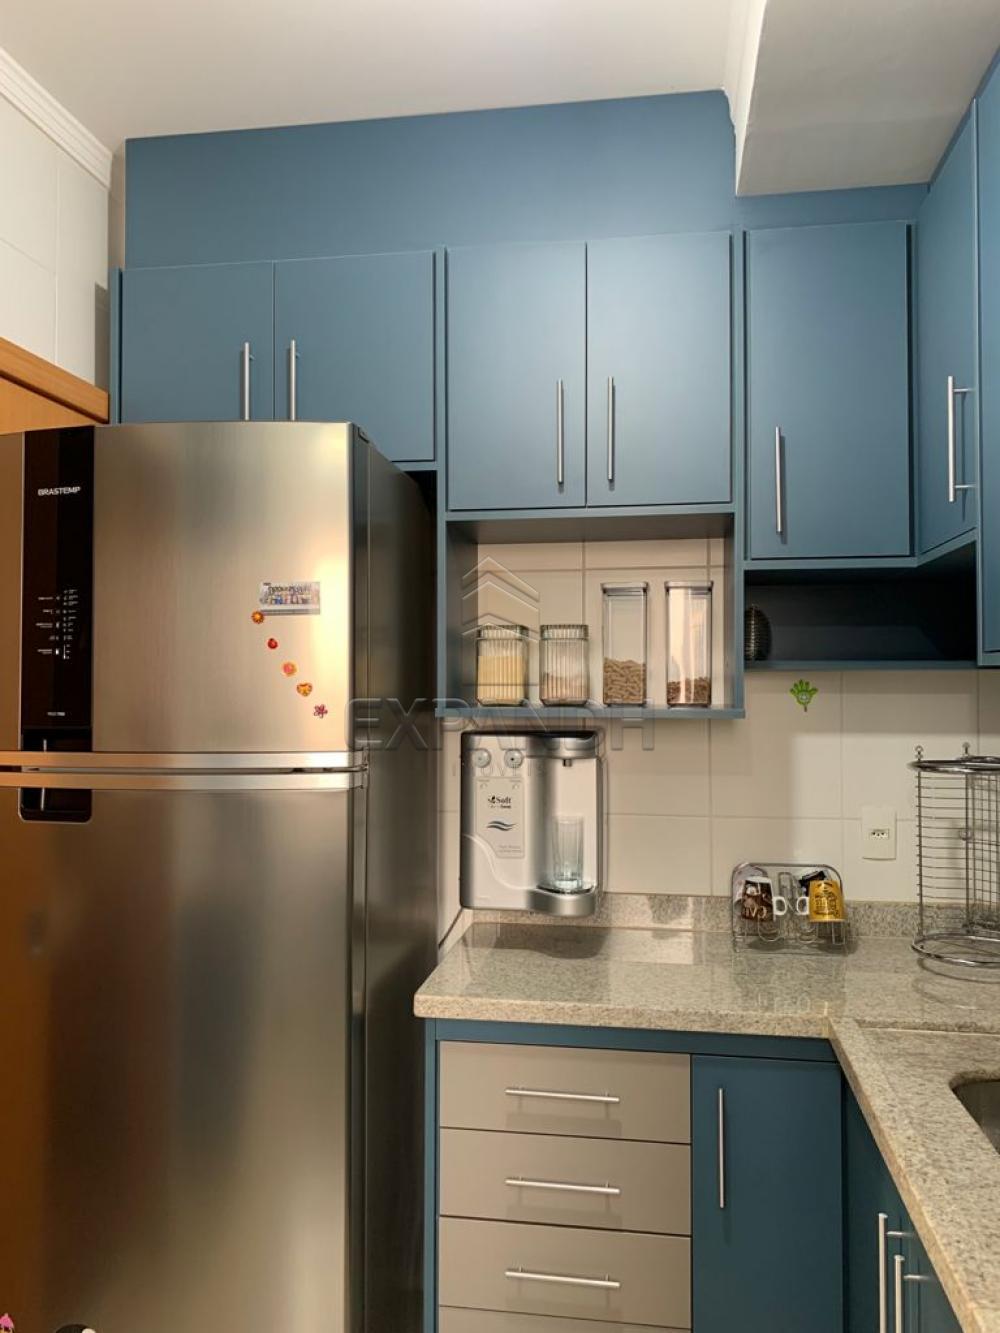 Comprar Apartamentos / Padrão em Sertãozinho R$ 450.000,00 - Foto 21